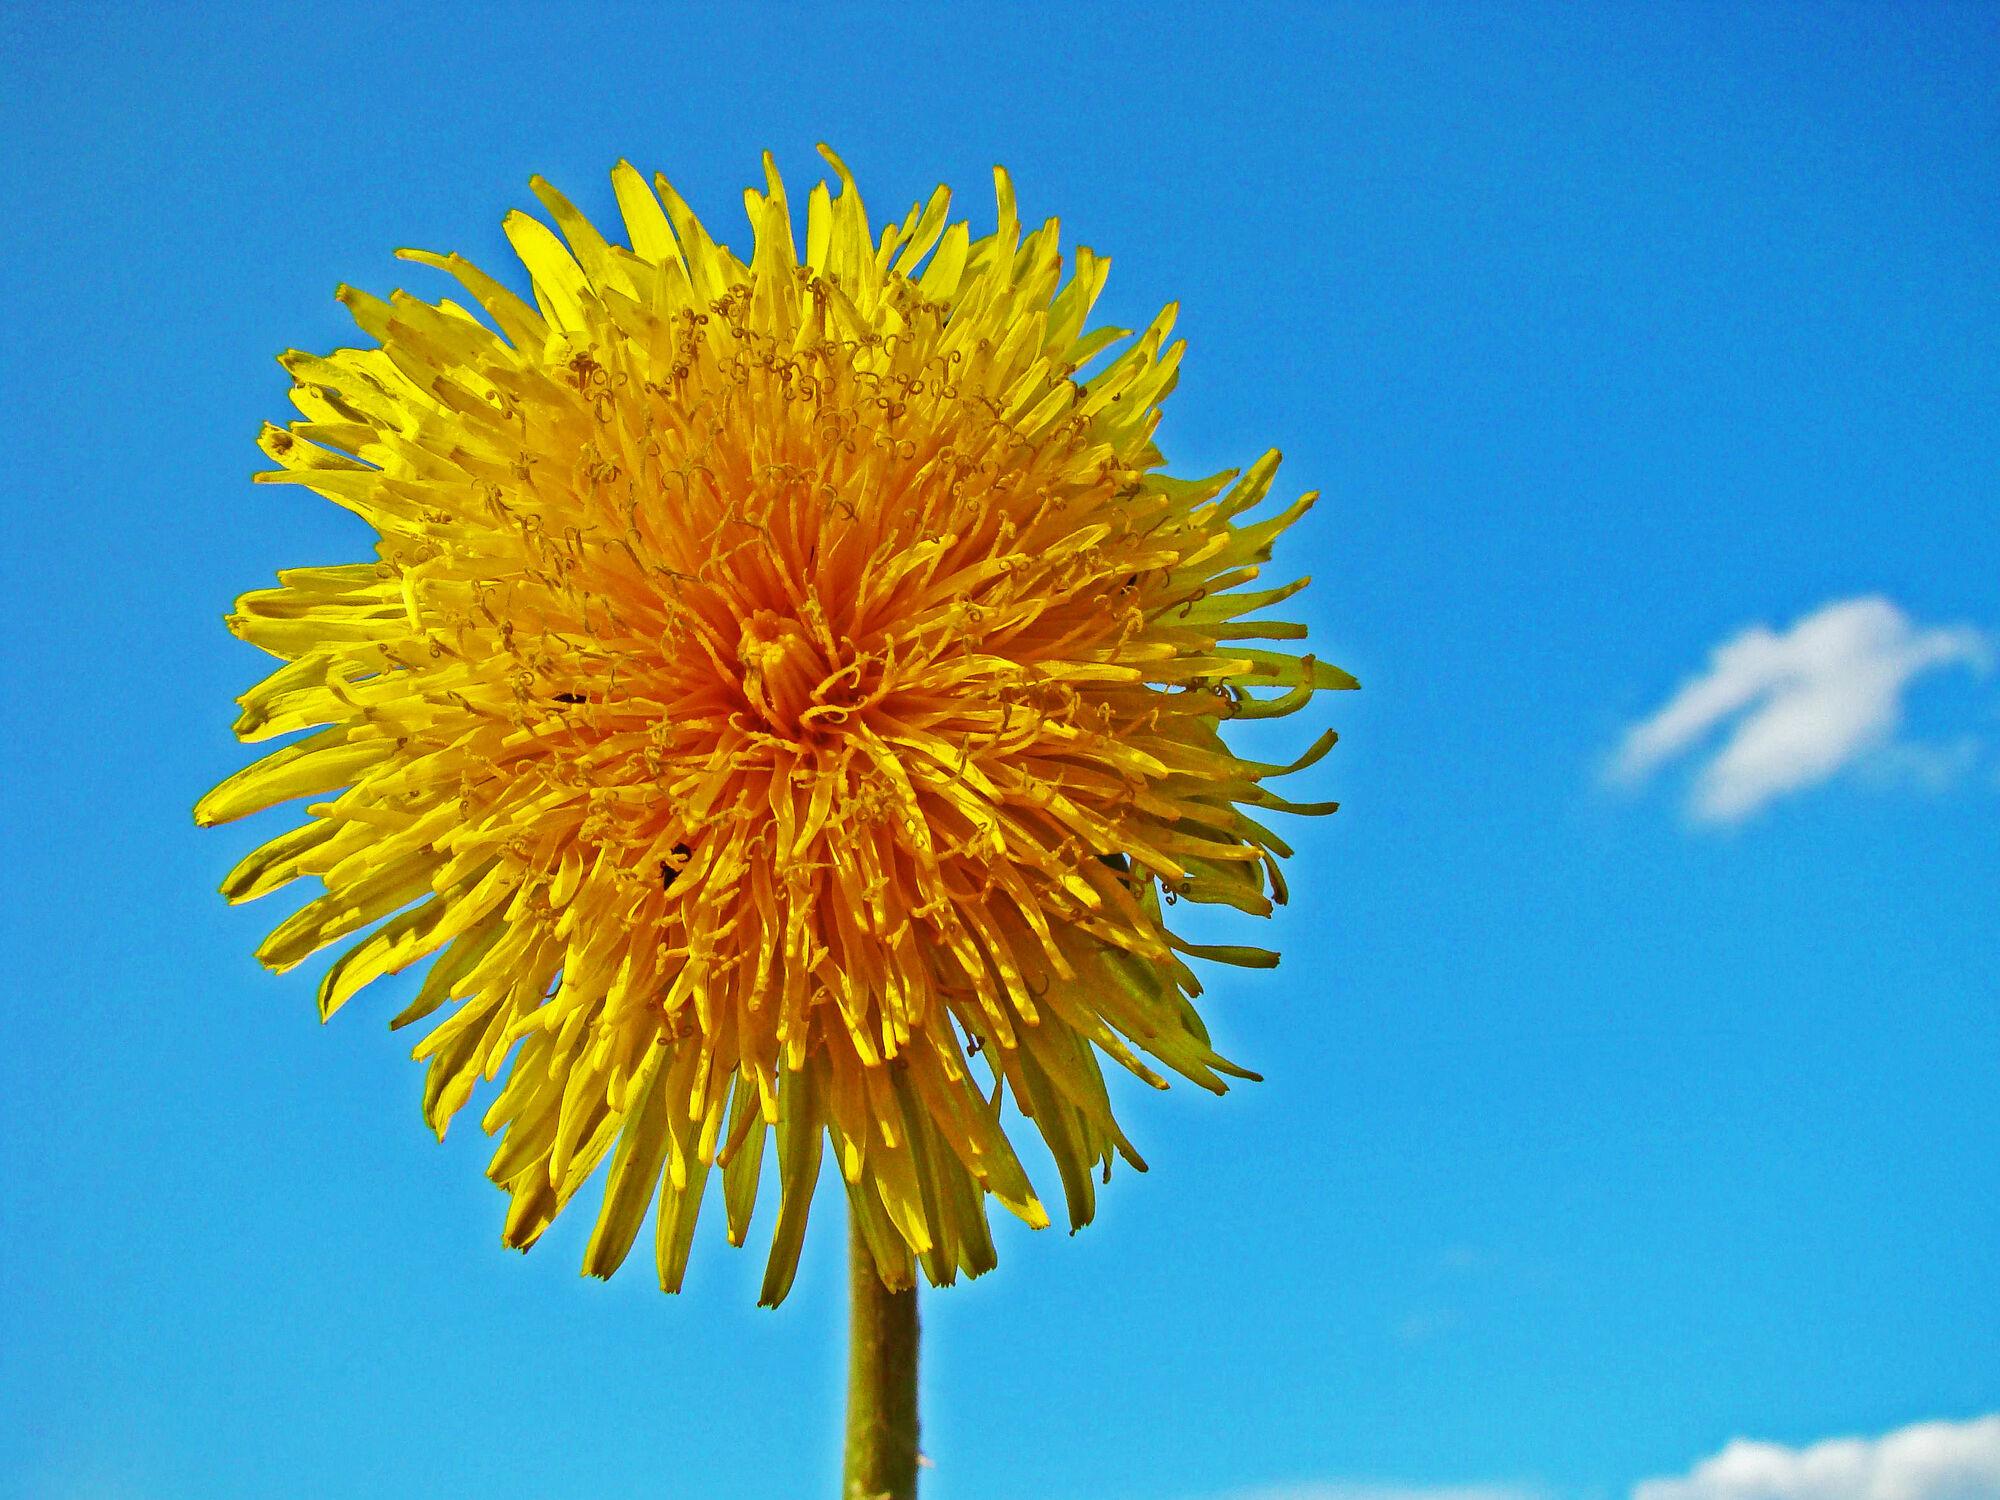 Bild mit Pflanzen, Himmel, Blumen, Blume, Pflanze, Löwenzahn, Blüten, blüte, Löwenzahnwiese